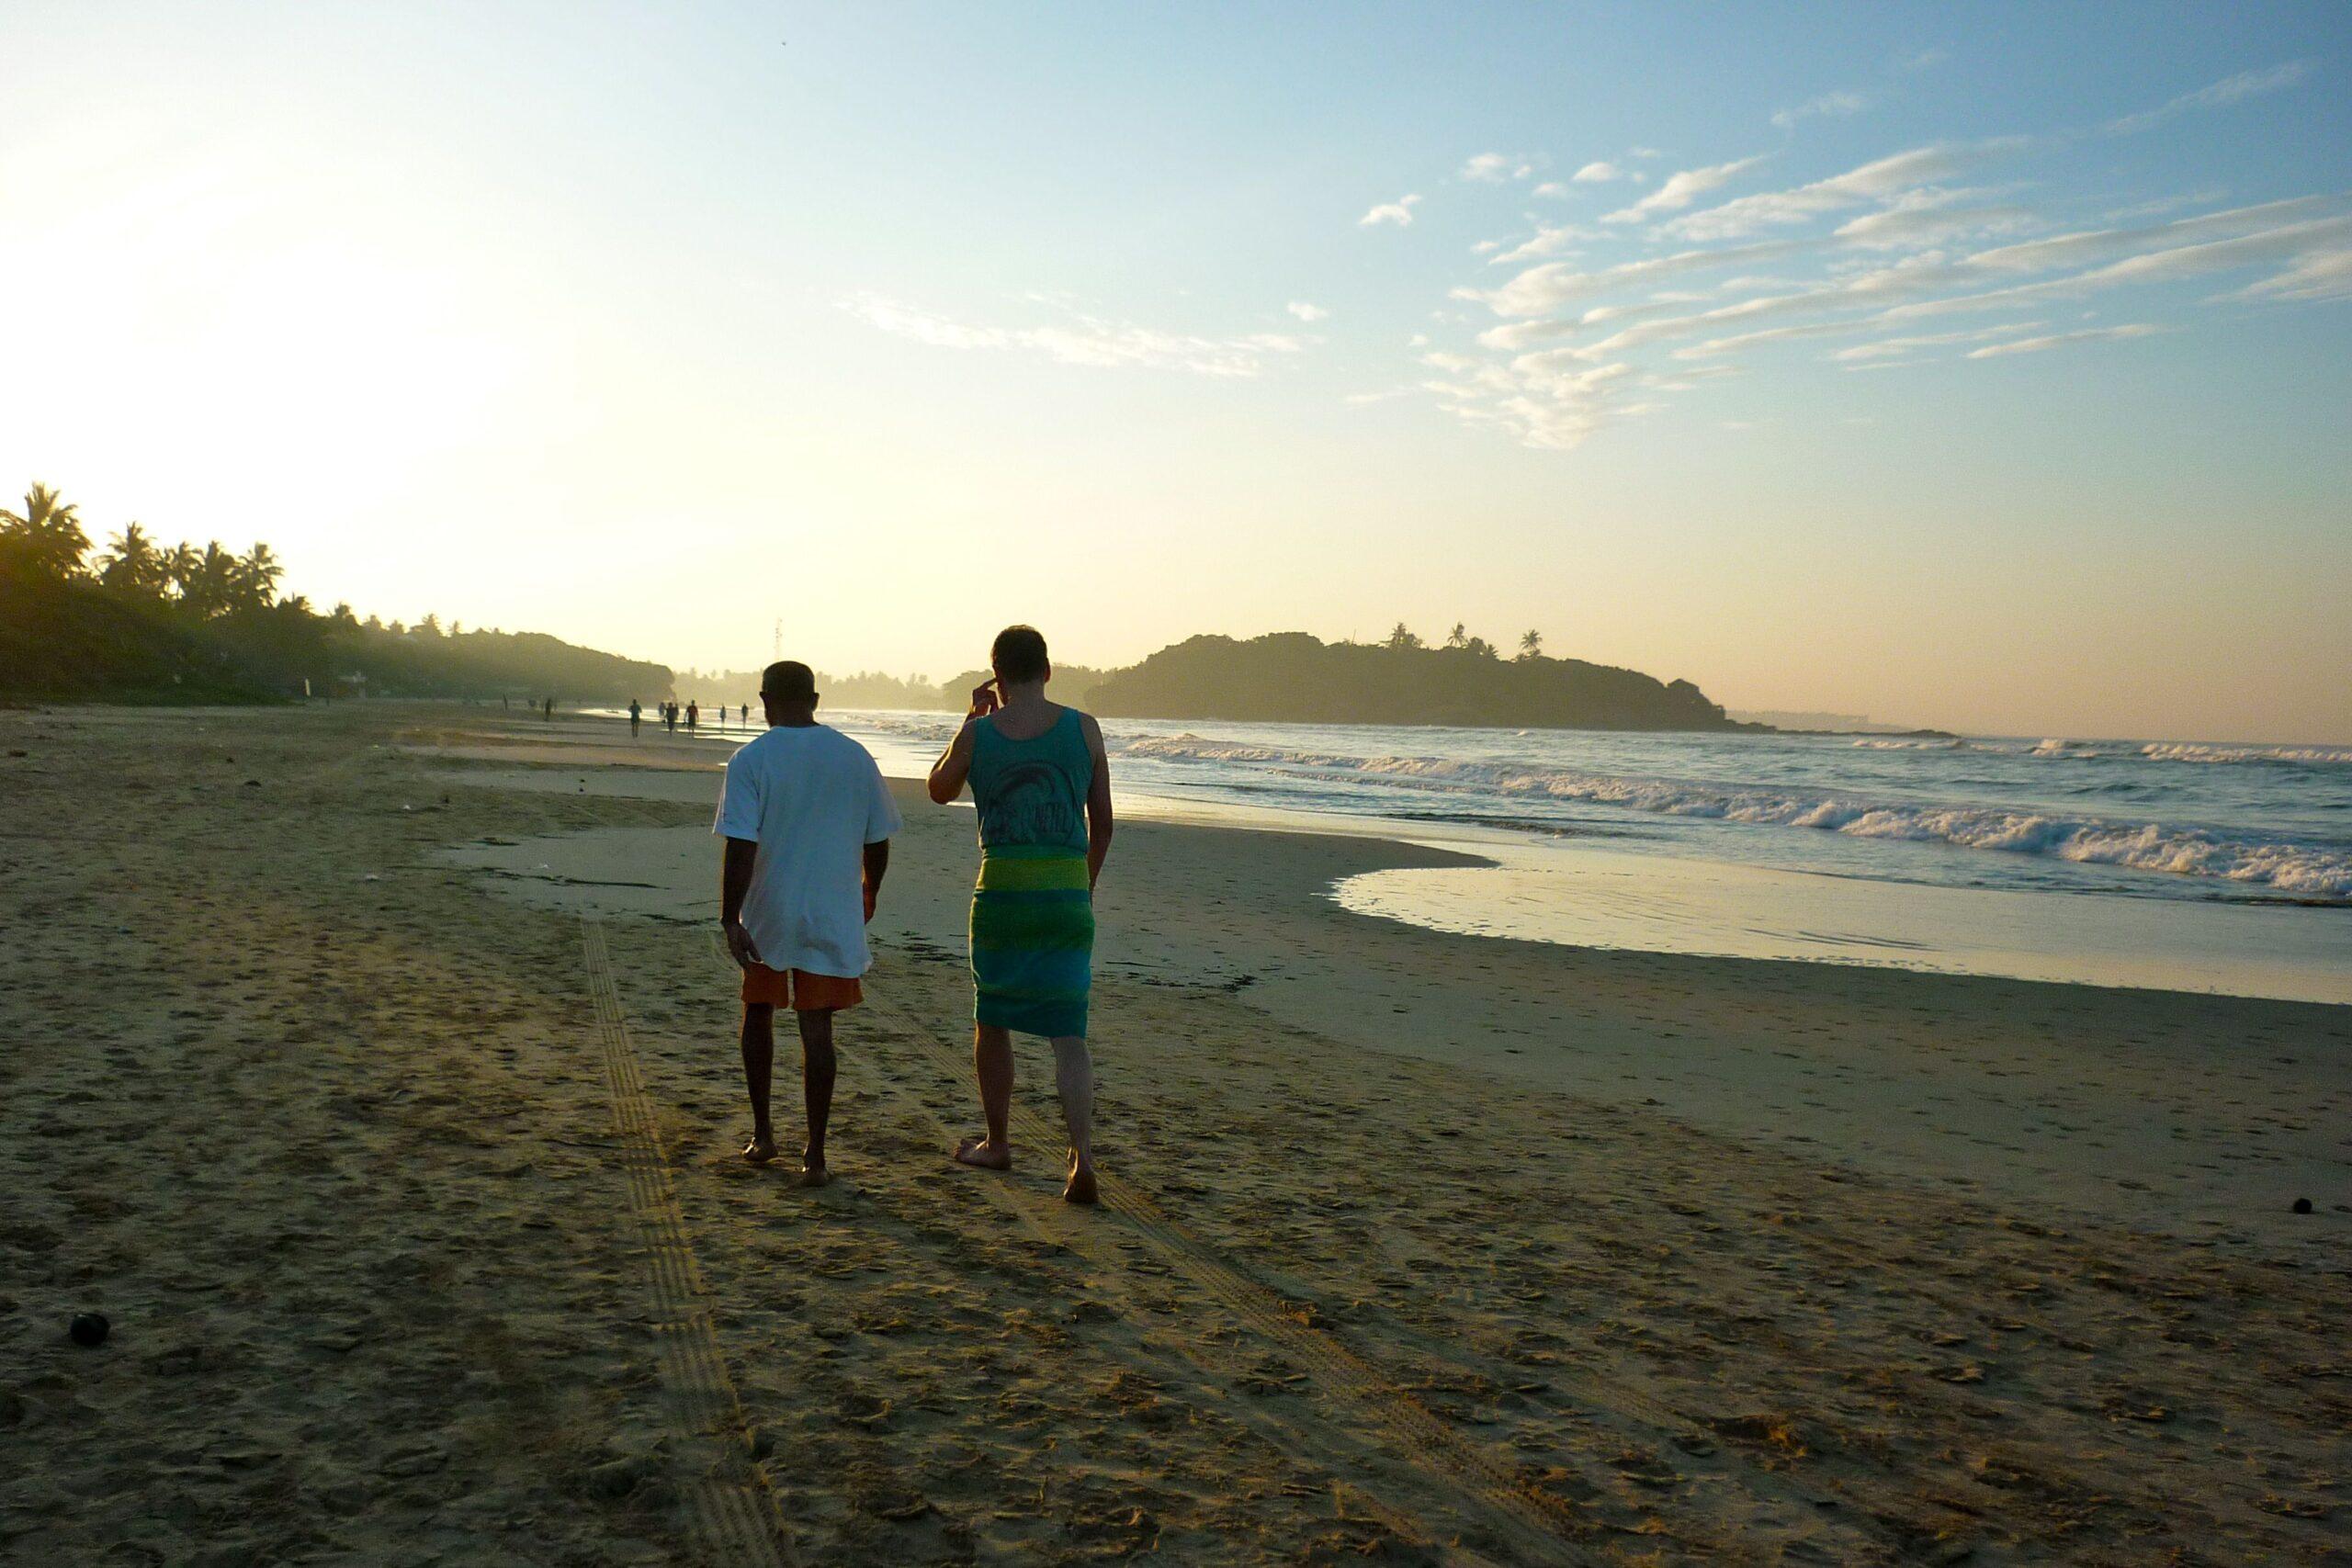 Entspannung pur in jedem Jahr jeden Morgen mit Noble Mendis zum Sonnenaufgang am Strand von Beruwala.